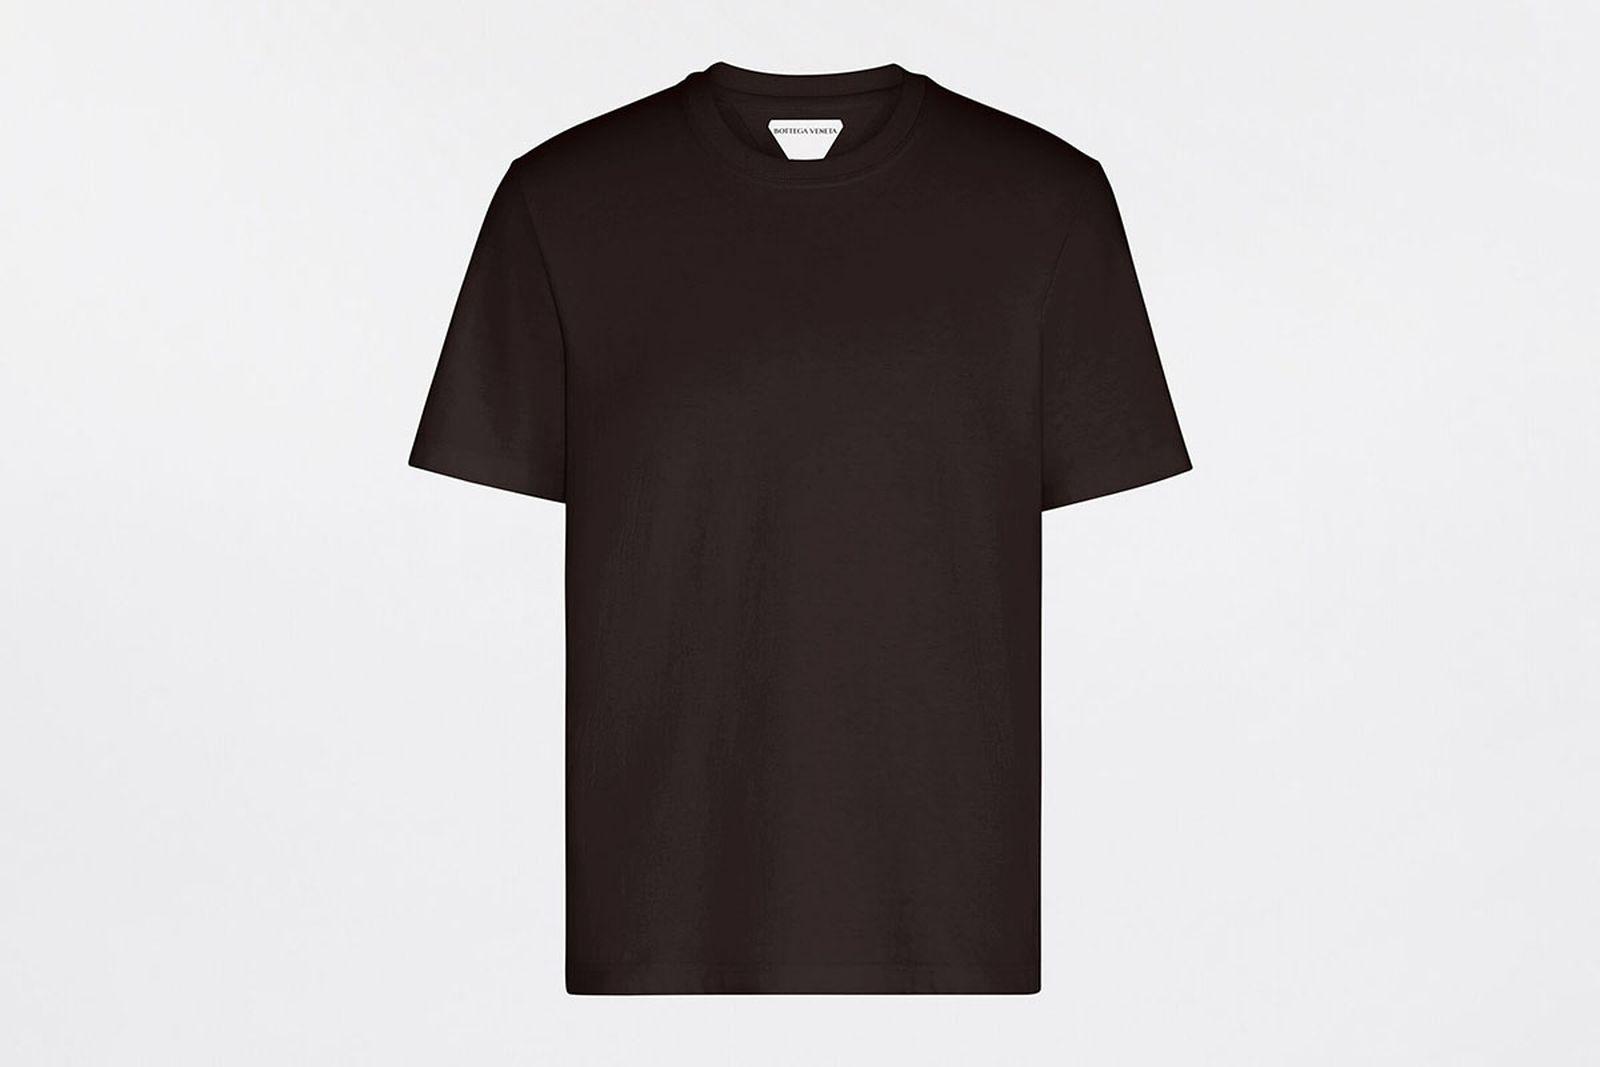 bottega-veneta-plain-t-shirt-05